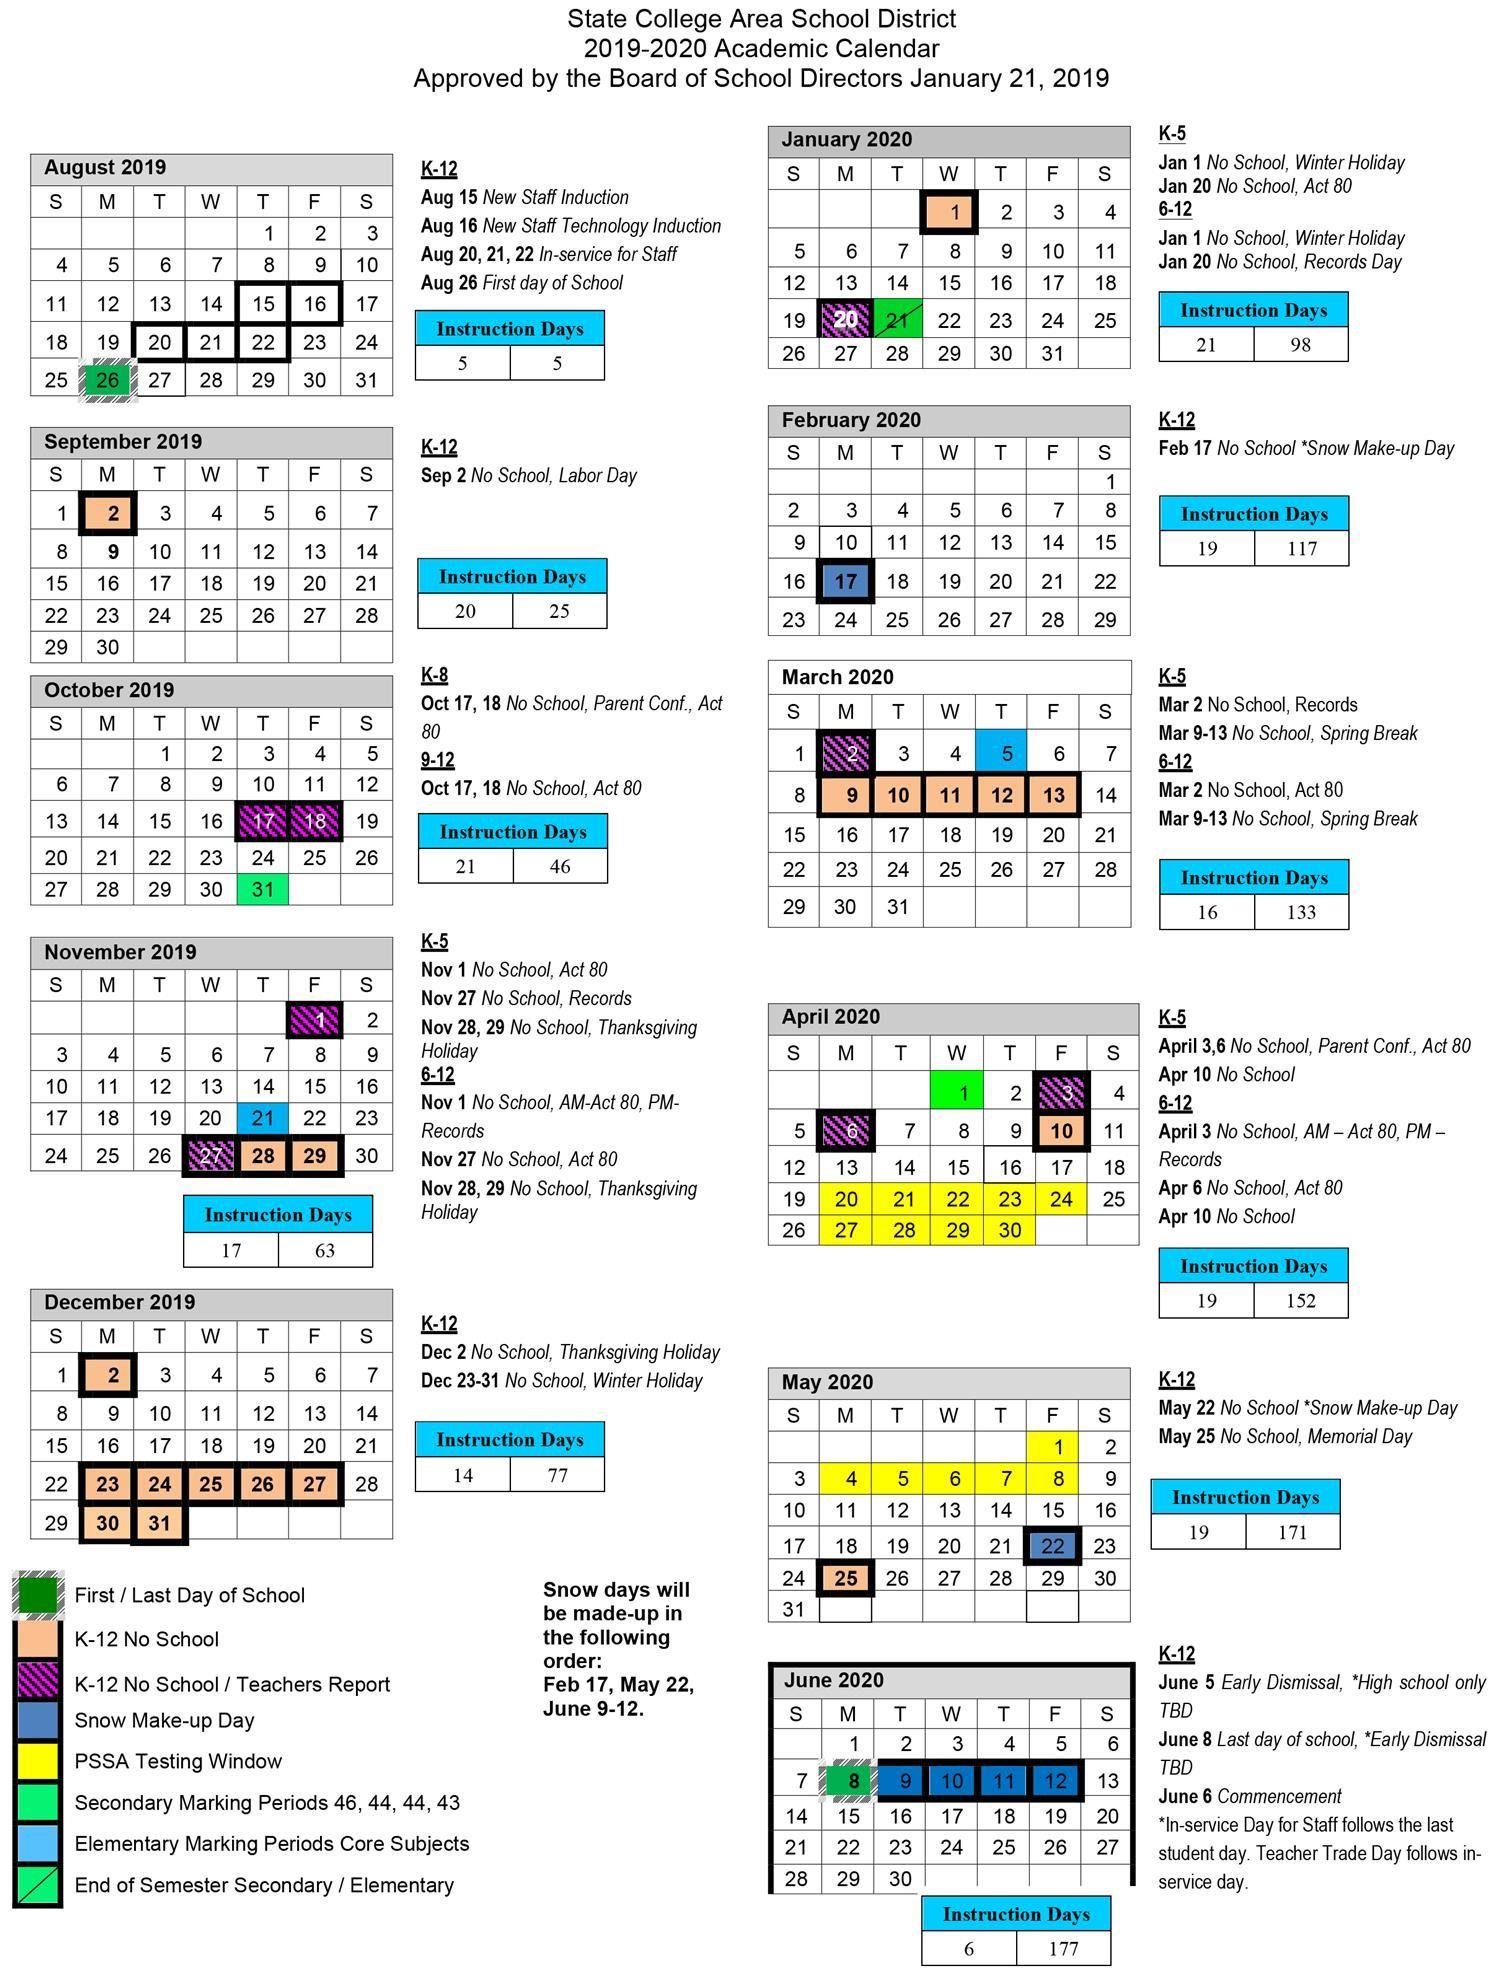 Texas State Spring 2020 Calendar.2019 2020 Academic Calendar